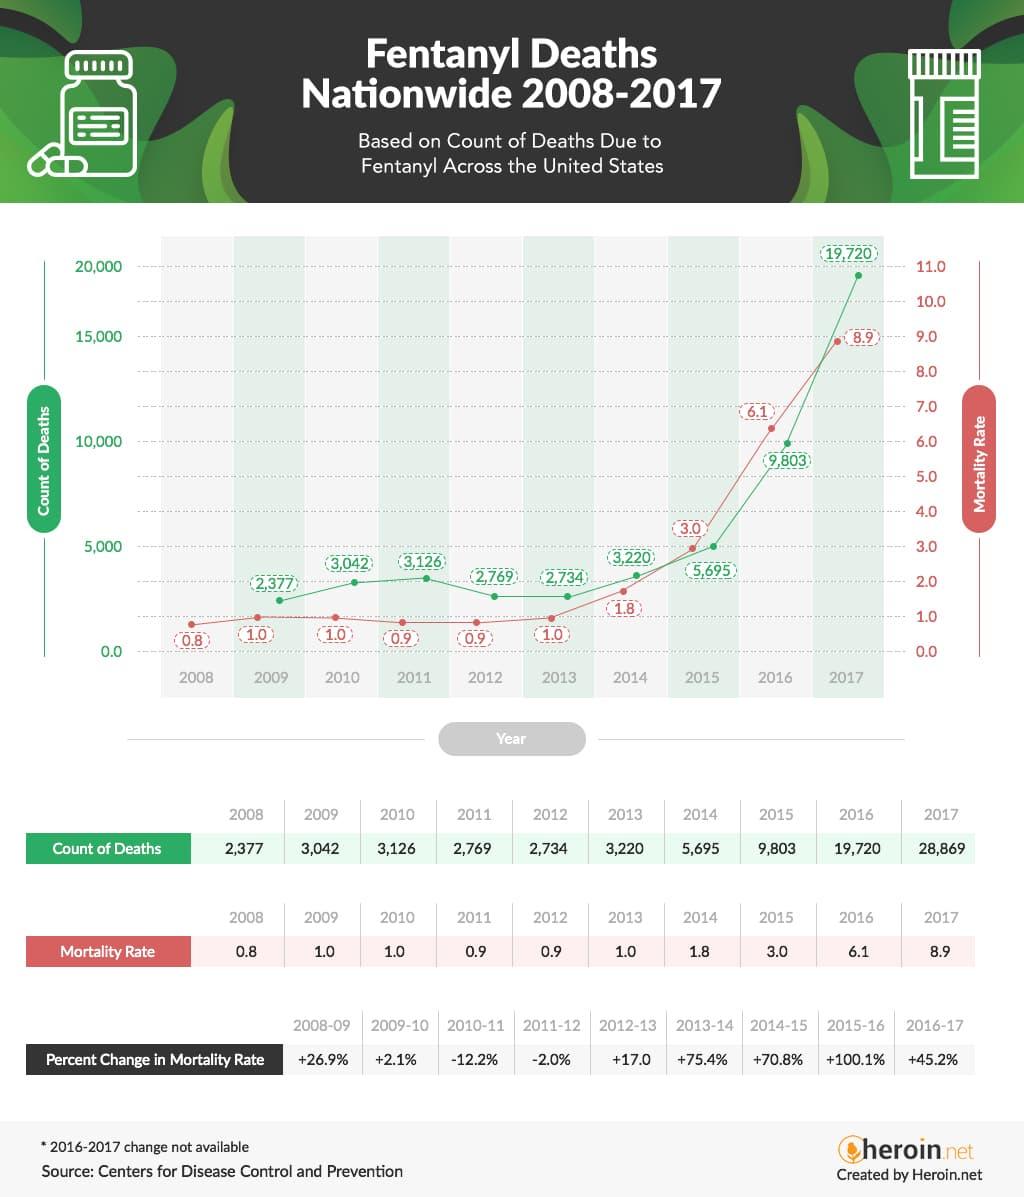 Fentanyl Deaths Nationwide 2008-2017